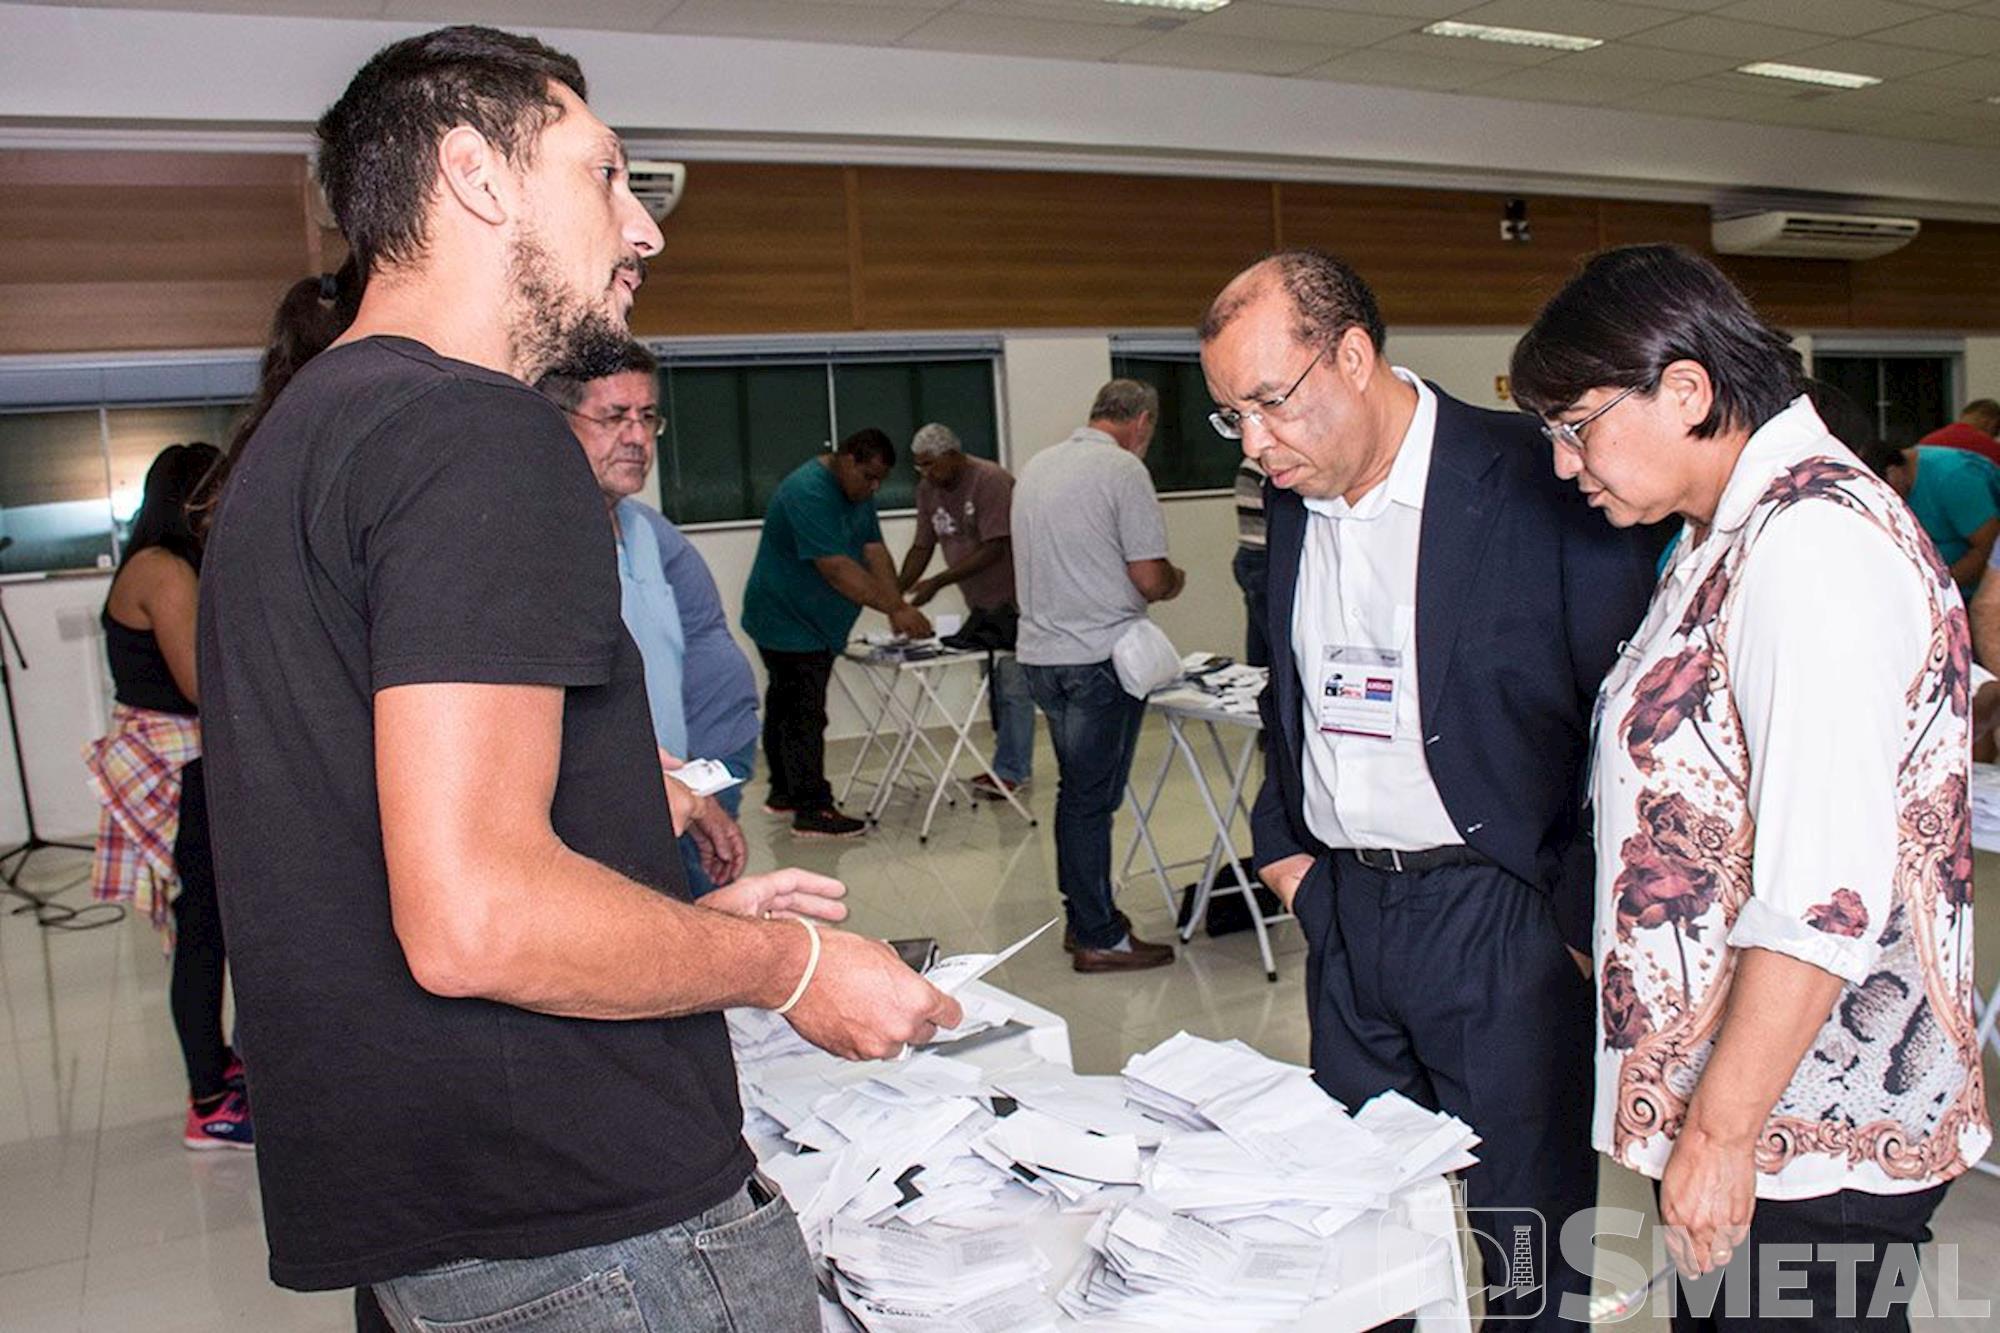 Apuração dos votos do segundo turno da eleição do SMetal Sorocaba, eleição, chapa, apuração, voto, , Foguinho/Imprensa SMetal